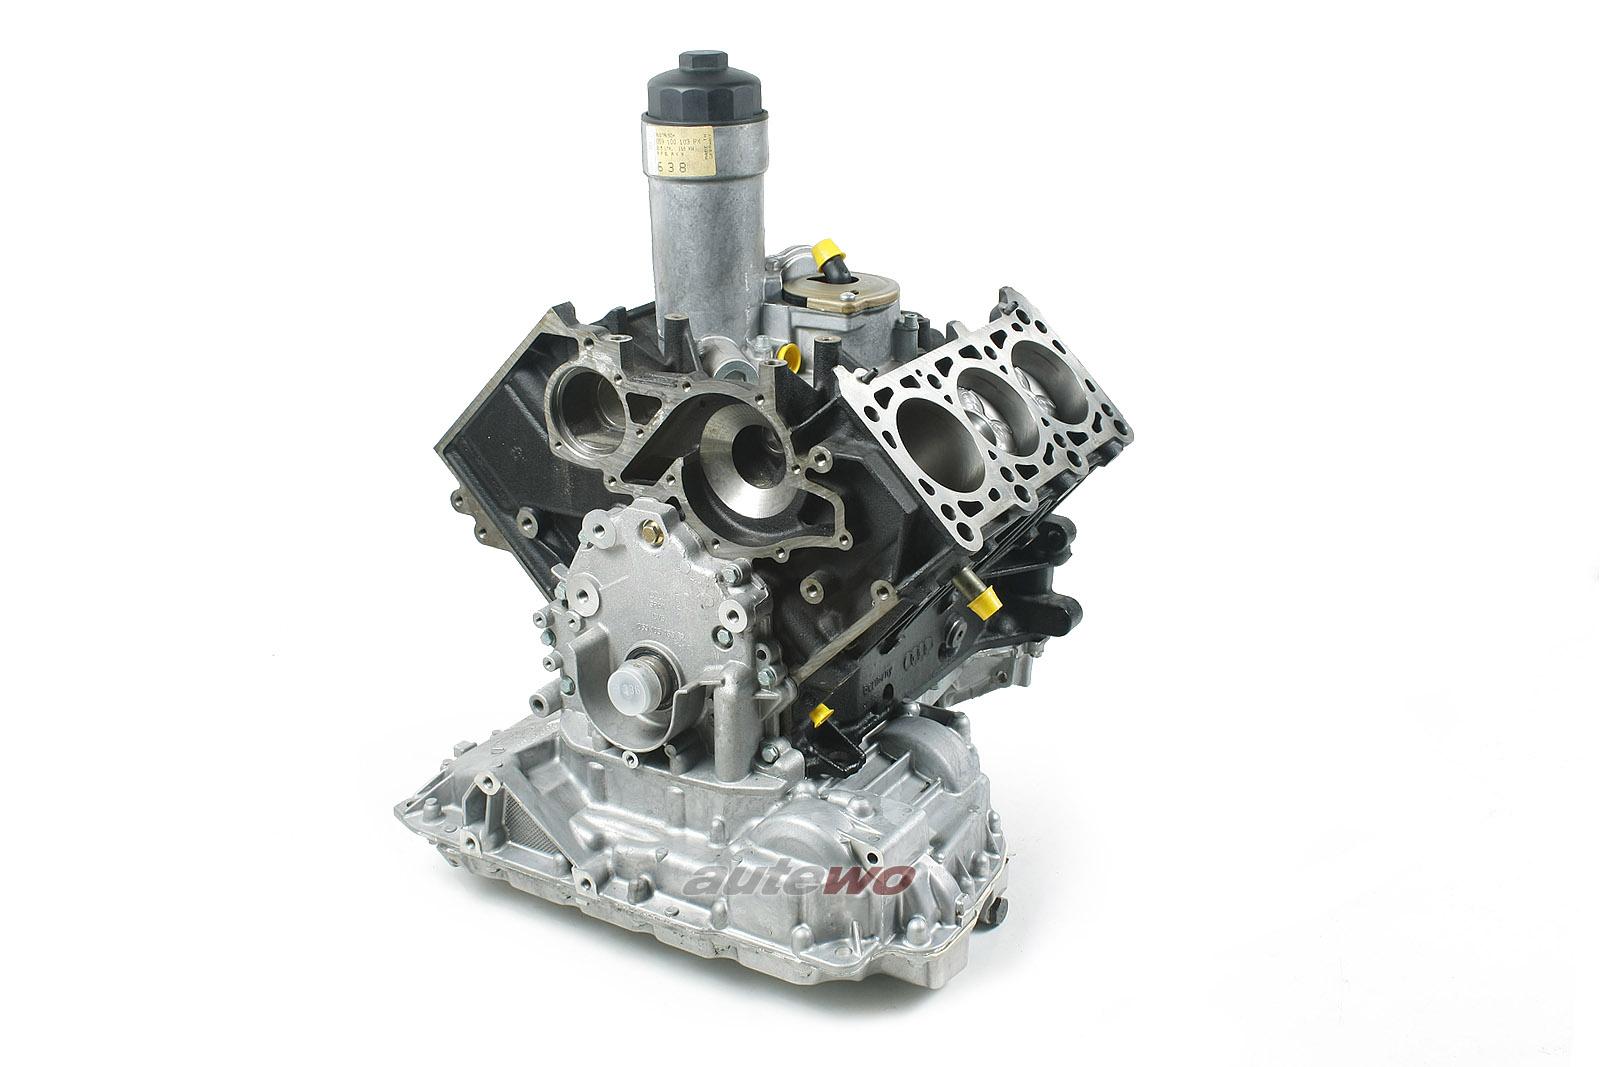 059100103PX NEU Audi/VW A4 B5/A6 4B/A8 D2 2.5l TDI AFB/AKN Motorblock komplett